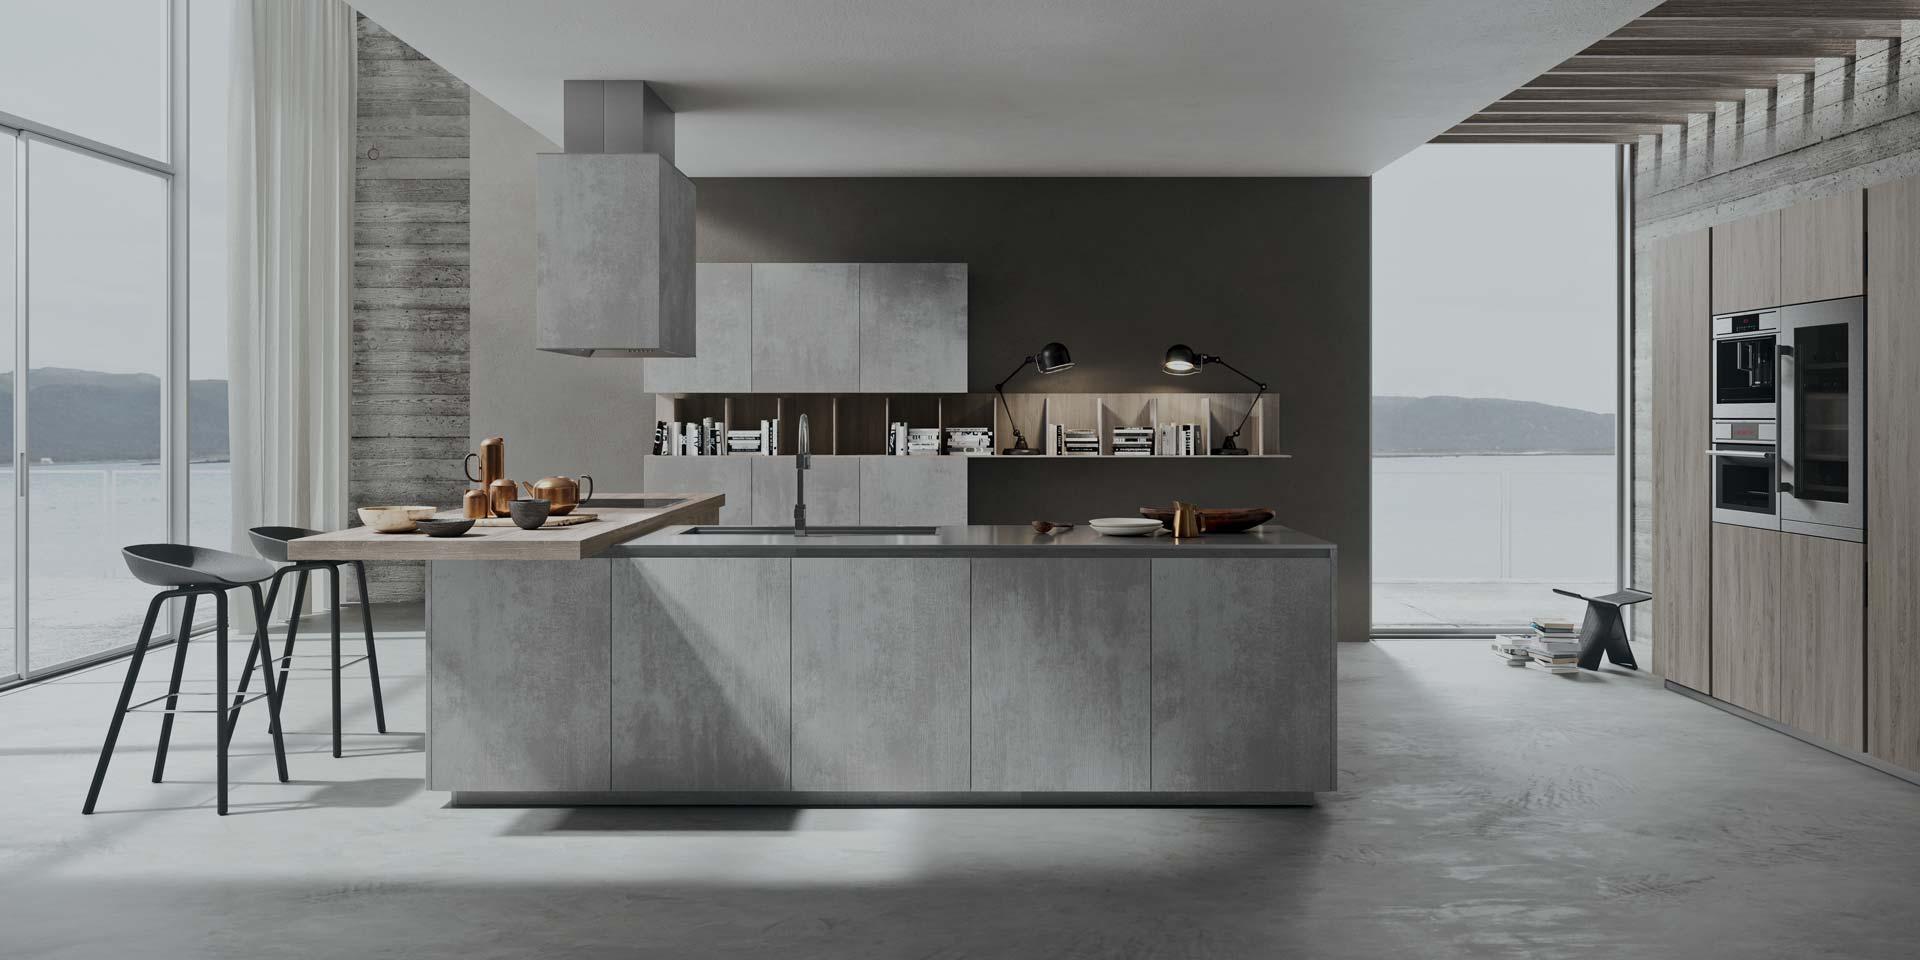 A la mode cuisine architecture for Cuisine a la mode